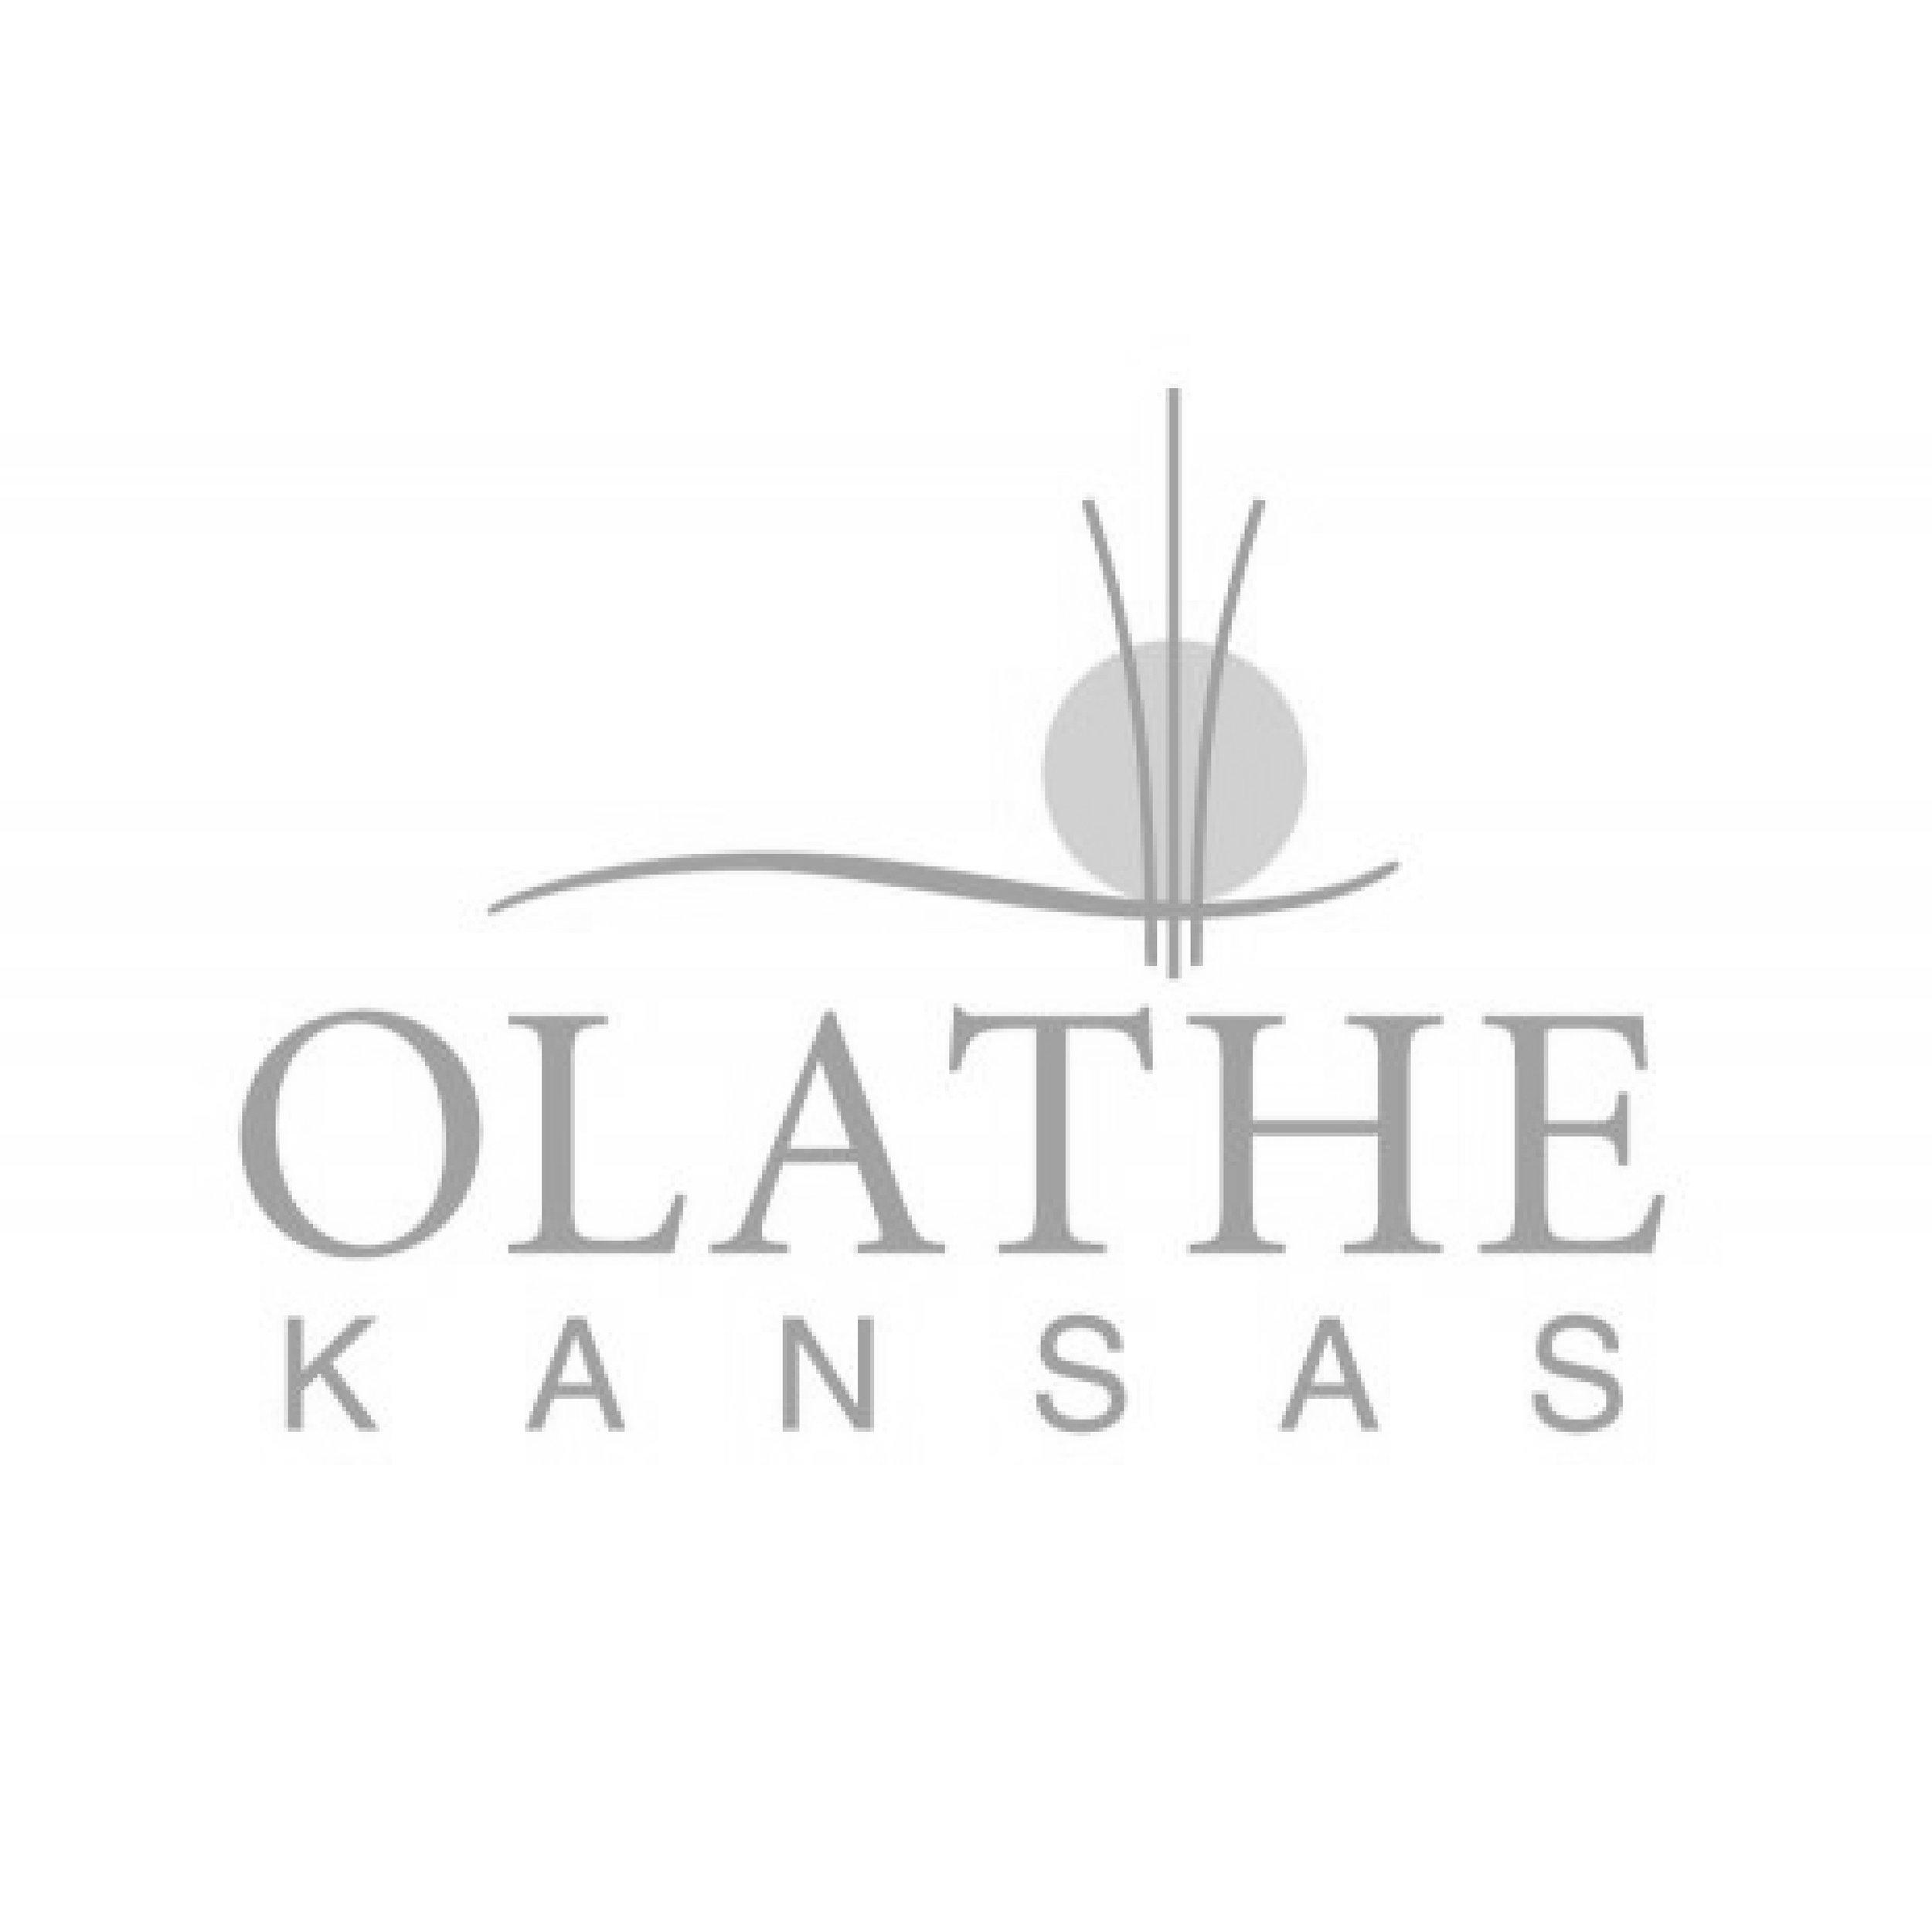 Olathe Kansas-01.jpg